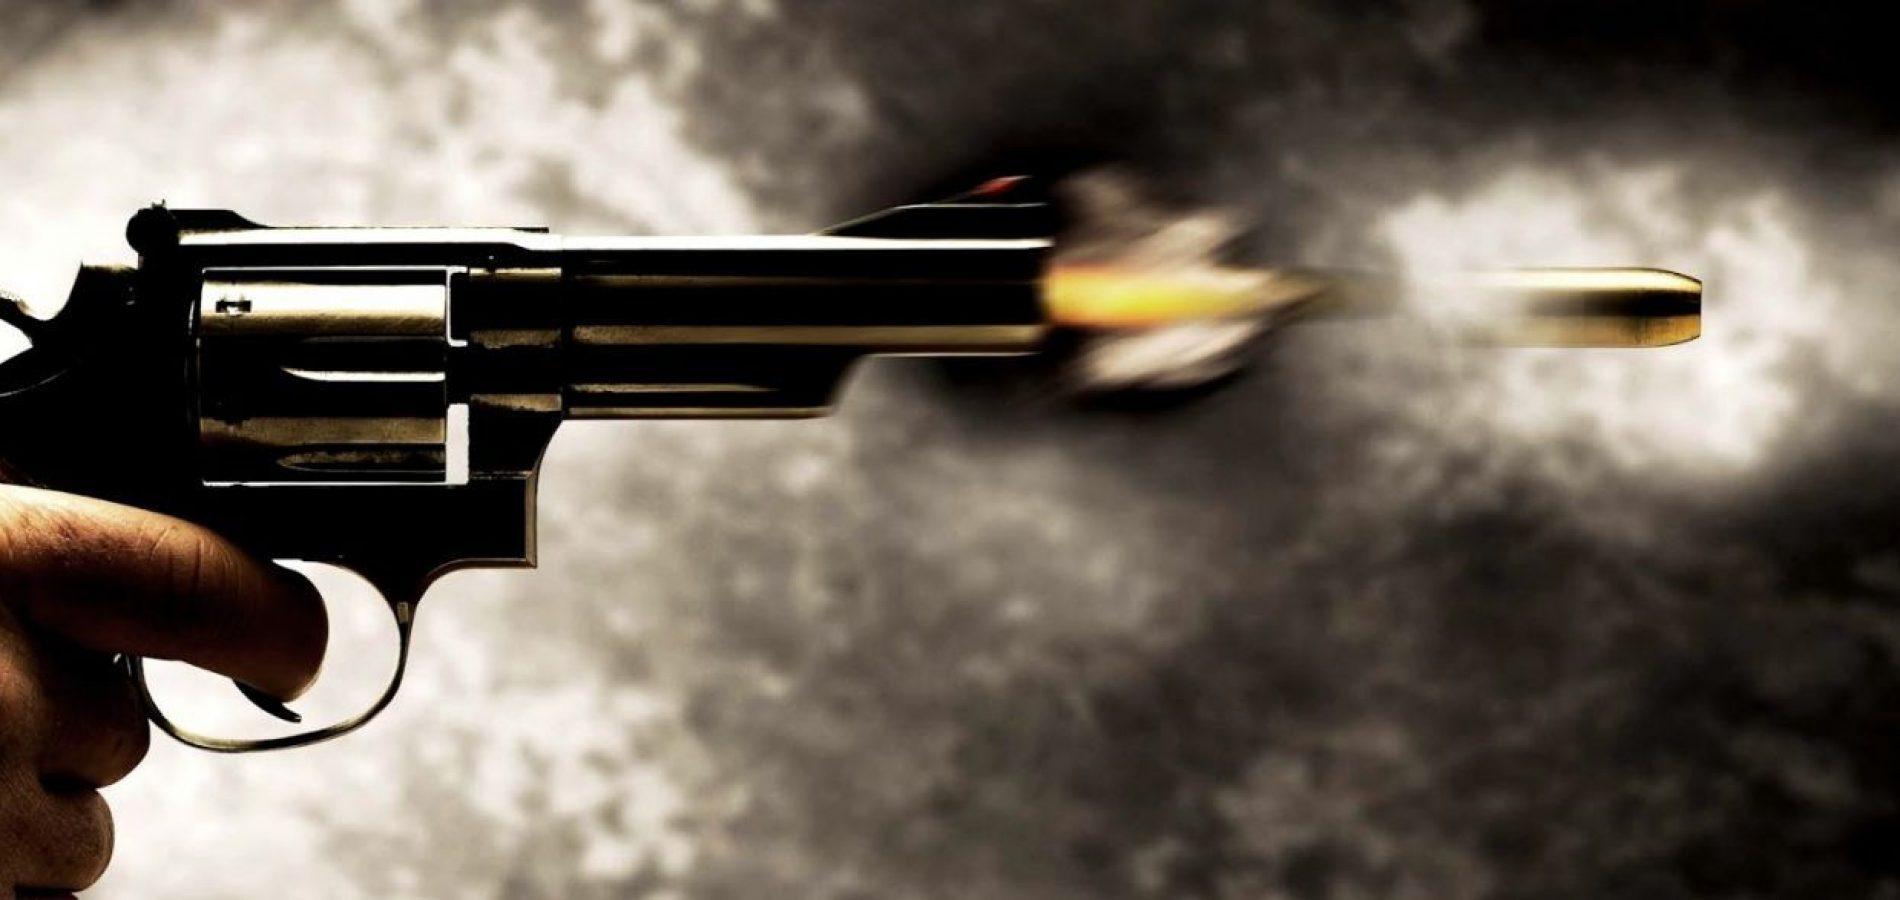 Imagem de um revolver atirando